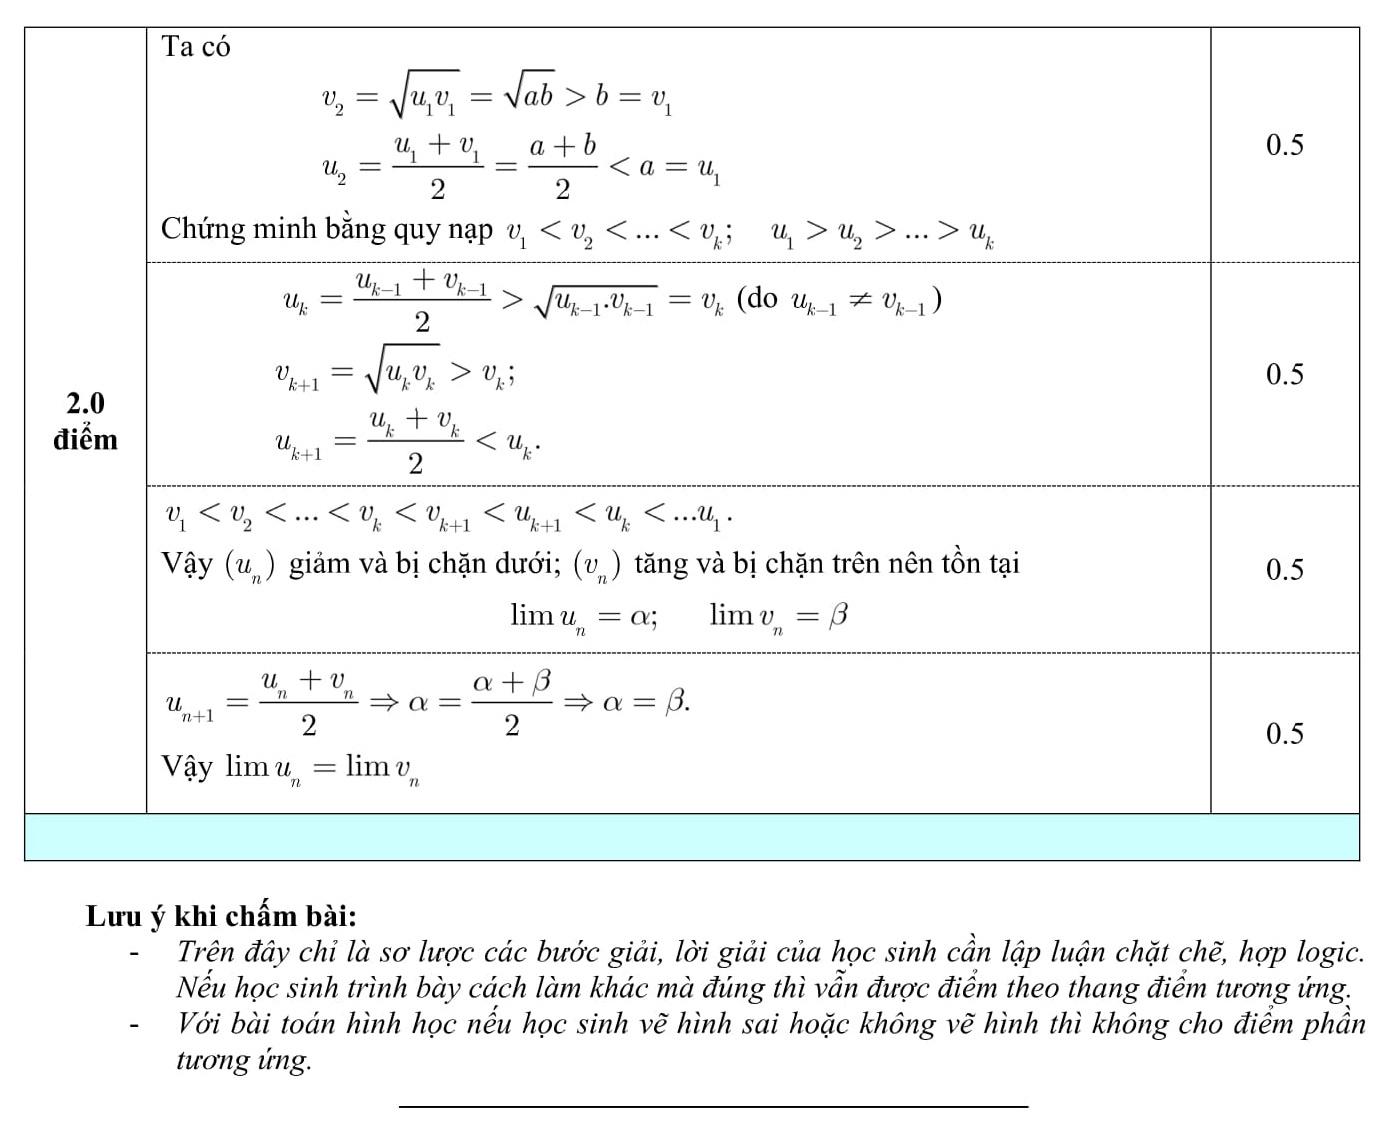 Đáp án và đề thi HSG Toán 11 sở GD&ĐT Bắc Giang 2013-2014